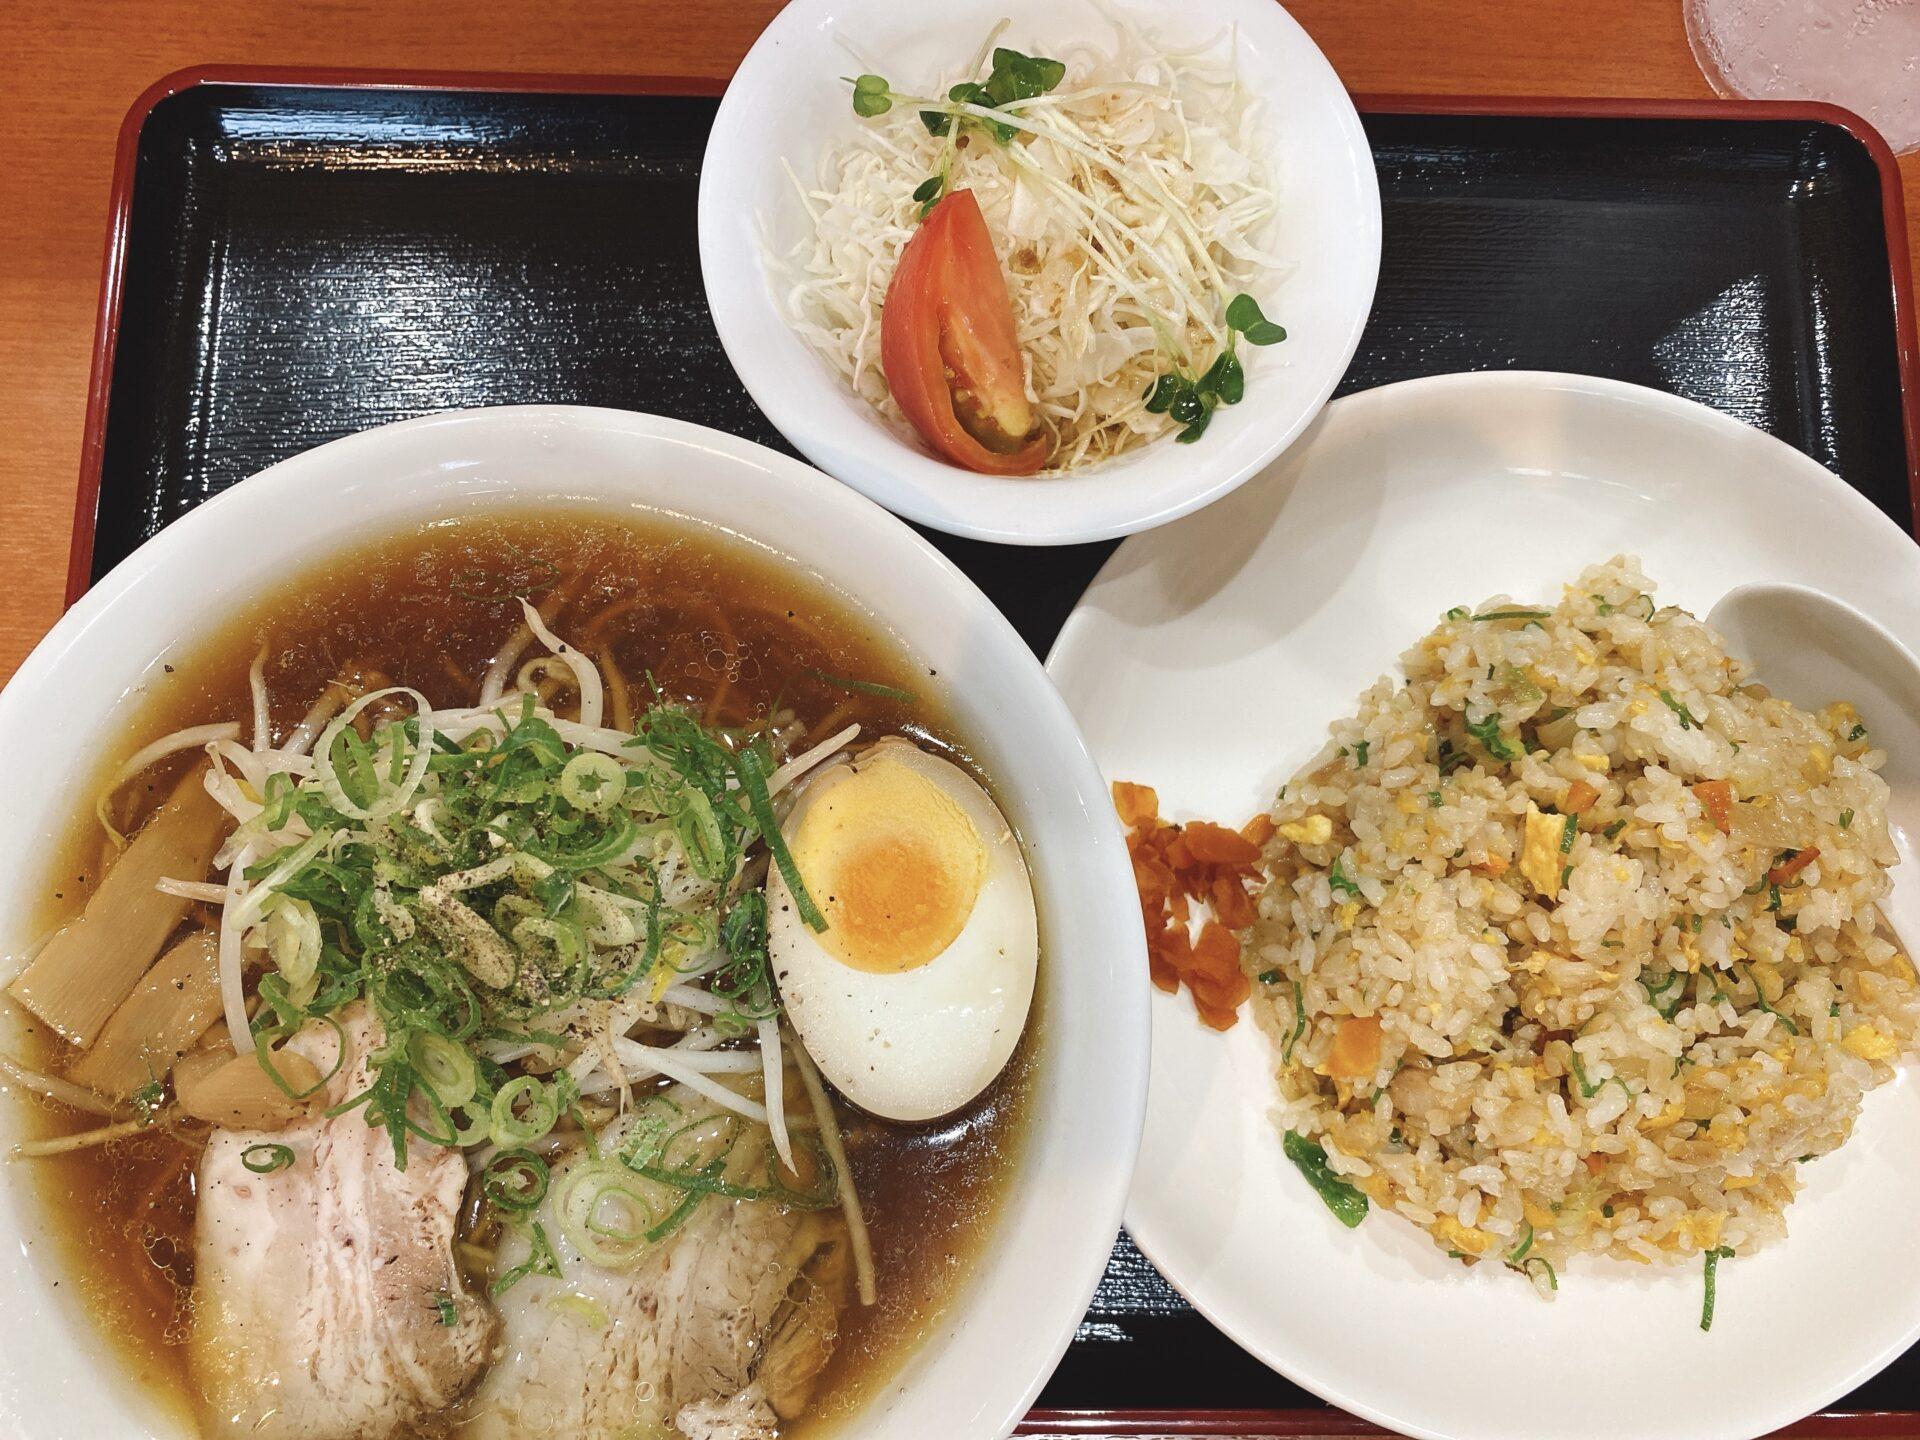 岡山市南区【中華料理 風花】麺類セットの焼豚玉子めしと迷うも焼飯の付いたラーメンセットに決定!